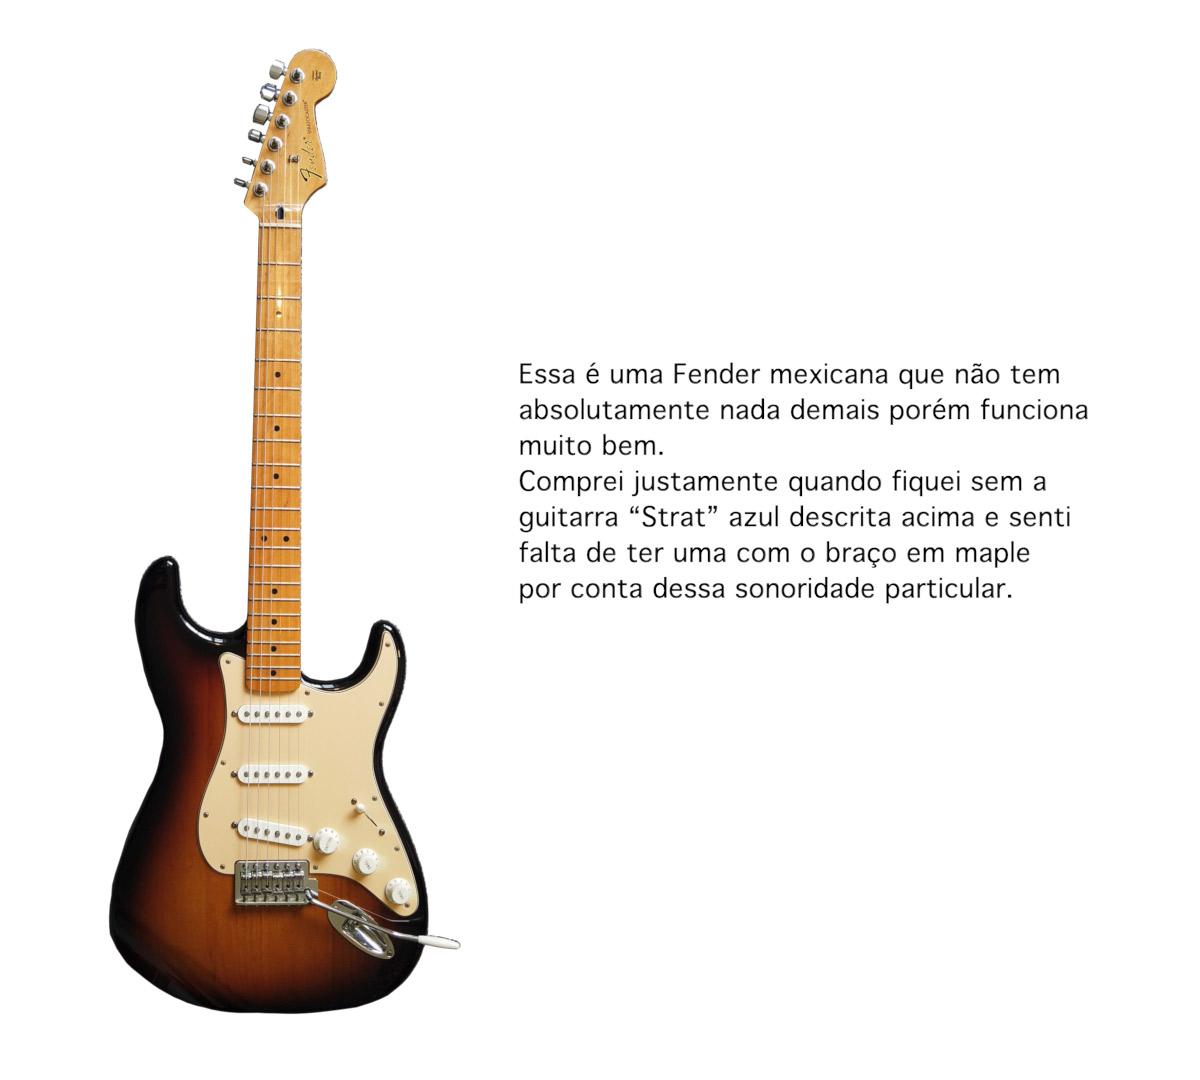 """Essa é uma Fender mexicana que não tem absolutamente nada demais porém funciona muito bem. Comprei justamente quando fiquei sem a guitarra """"Strat"""" azul descrita acima e senti falta de ter uma com o braço em maple por conta dessa sonoridade particular."""